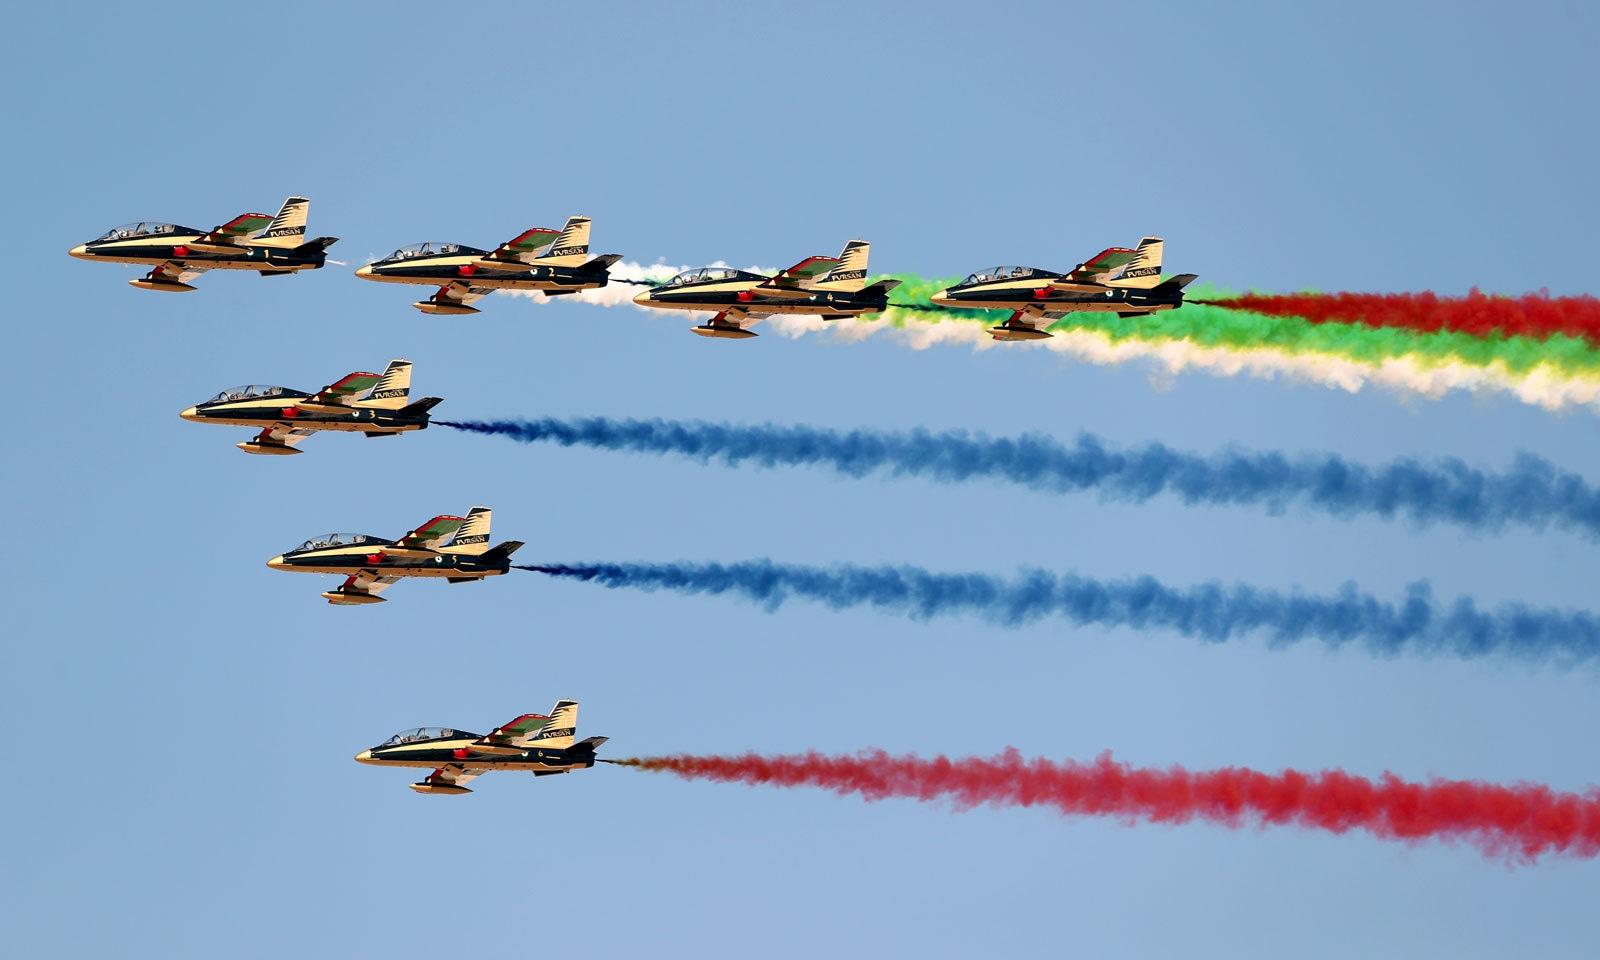 متحدہ عرب امارات کے ا'لفُرسان' طیارے اپنی صلاحیتوں کا لوہا منوا رہے ہیں — فوٹو: رائٹرز